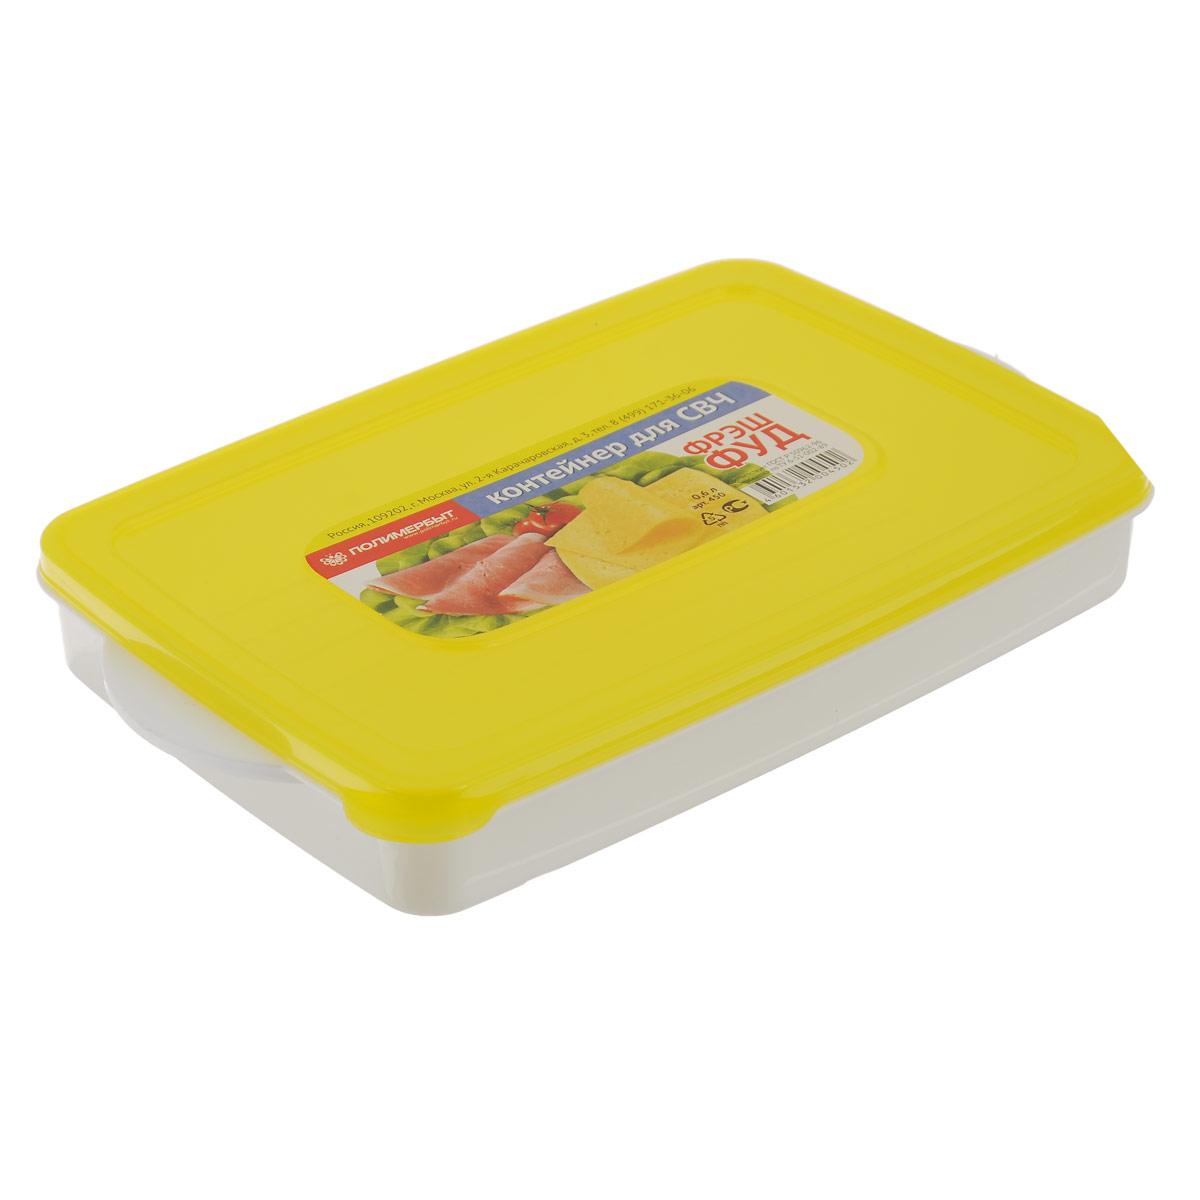 Контейнер Полимербыт Фрэш фуд, цвет: белый, желтый, 600 млVT-1520(SR)Контейнер Полимербыт Фрэш фуд прямоугольной формы, изготовленный из прочного пластика, предназначен специально для хранения пищевых продуктов. Крышка легко открывается и плотно закрывается.Контейнер устойчив к воздействию масел и жиров, легко моется. Изделие имеет возможность хранения продуктов глубокой заморозки, обладает высокой прочностью. Можно мыть в посудомоечной машине. Подходит для использования в микроволновых печах.Объем: 600 мл.